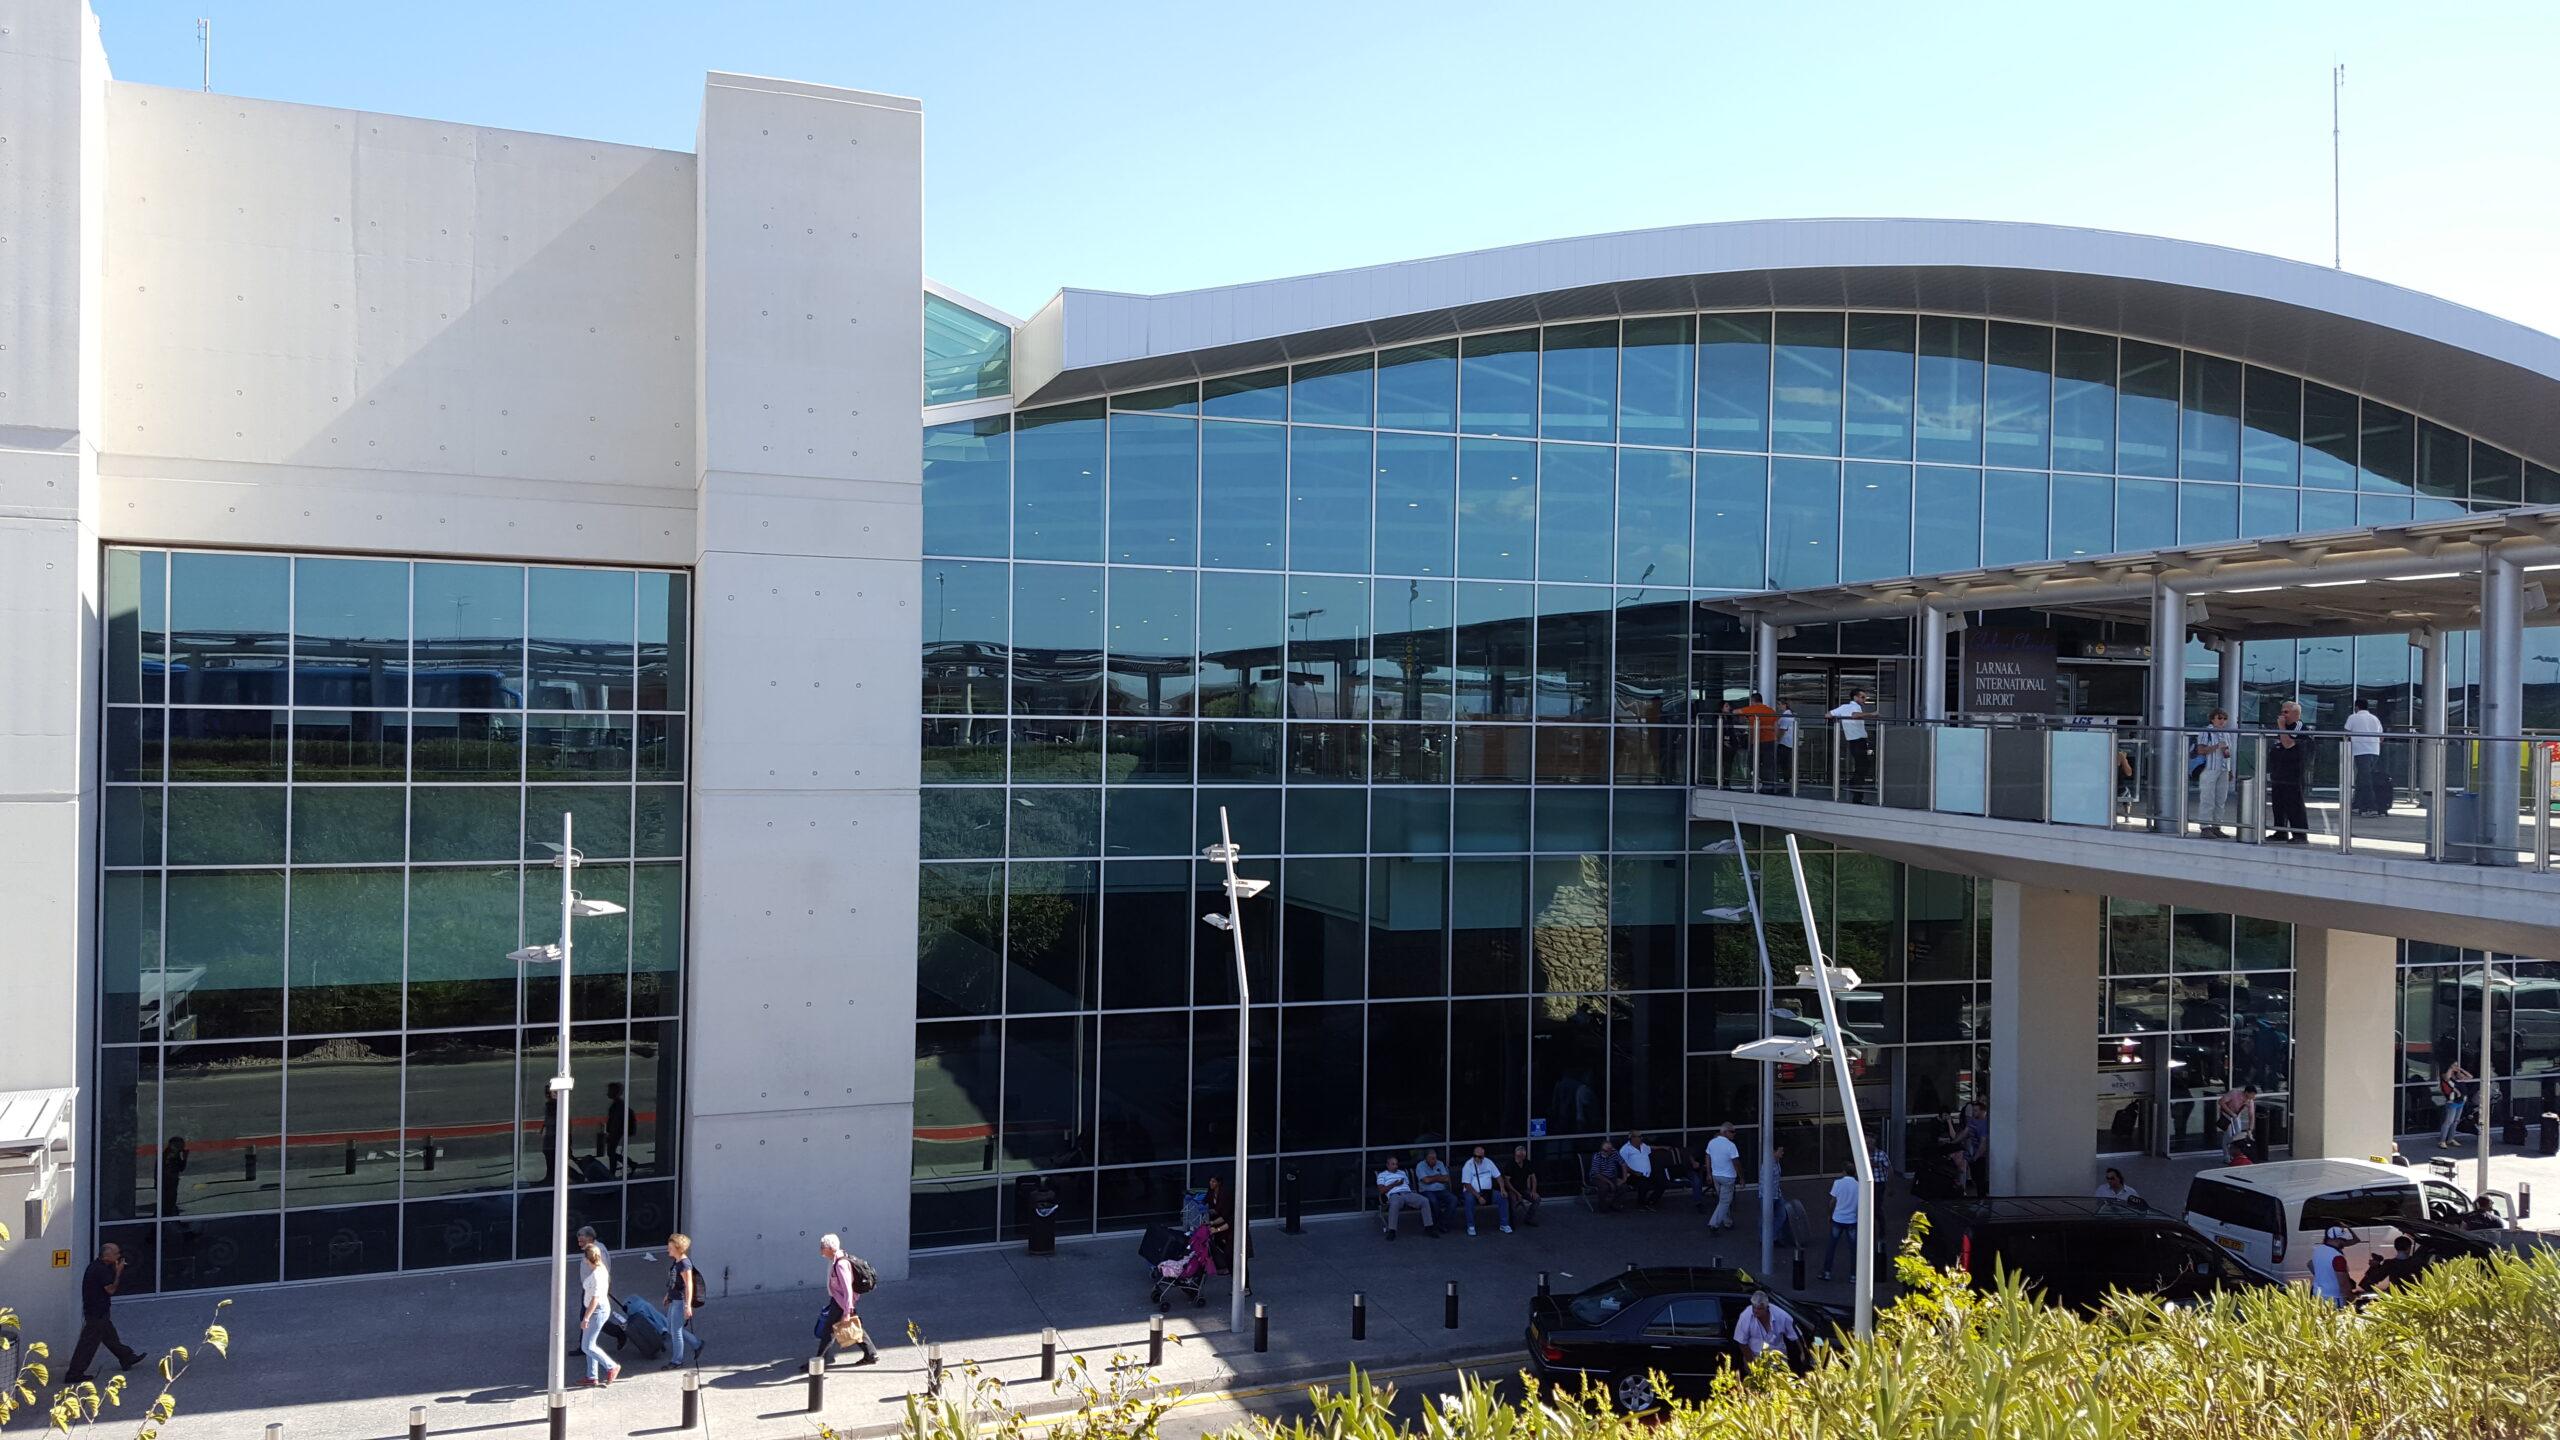 Zypern_Flughafen_Larnaka_LCA_Terminal